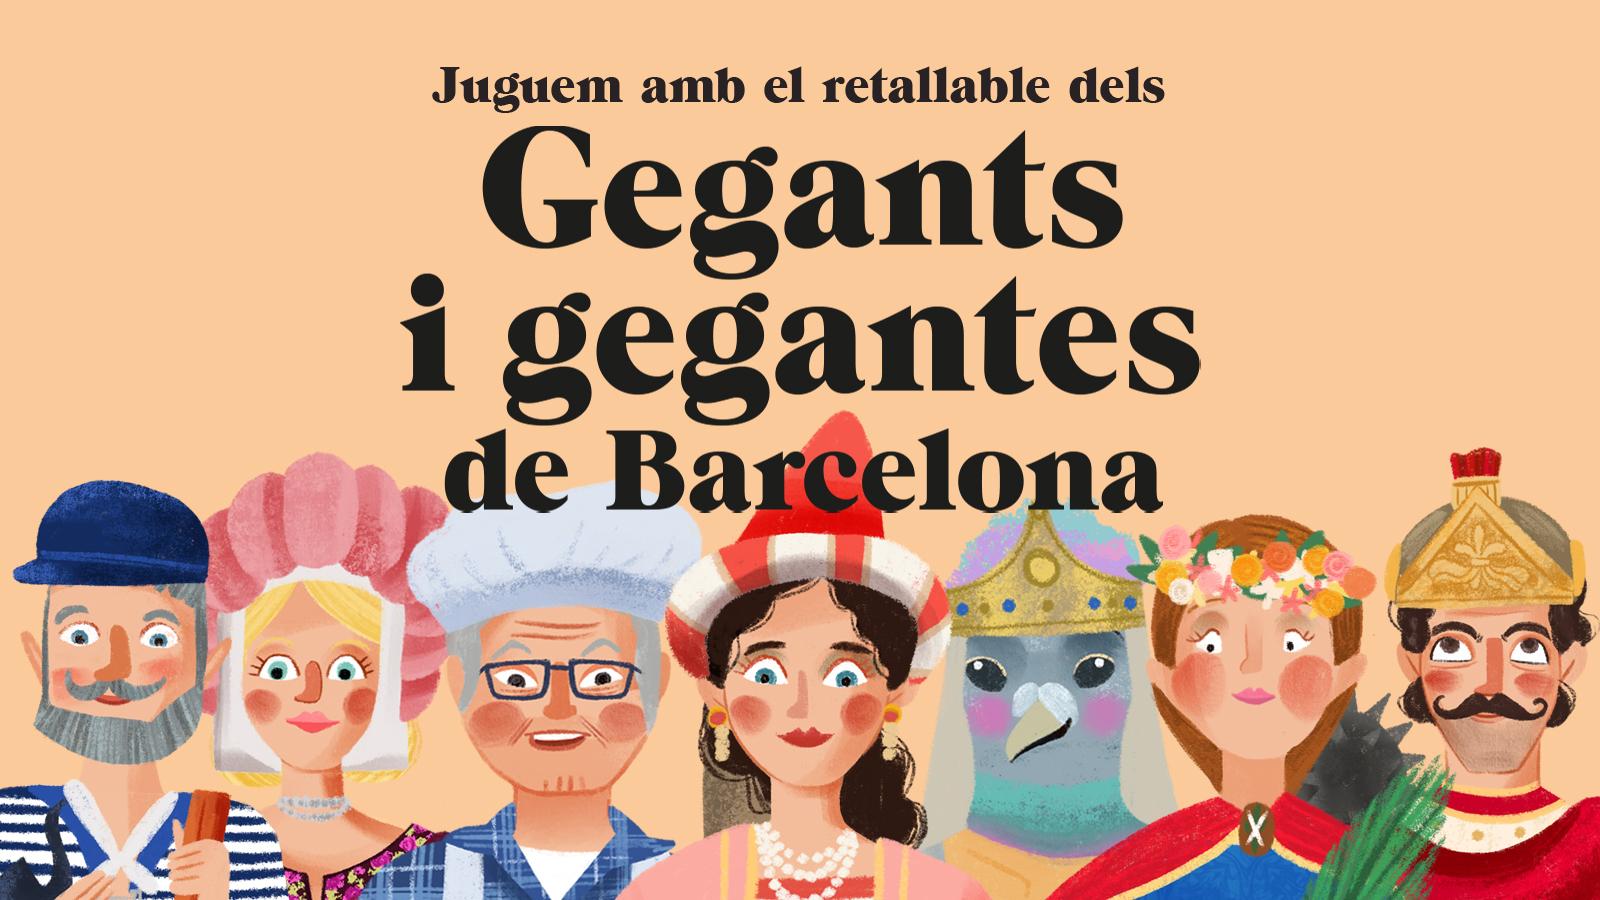 Retallable dels Gegants i Gegantes de Barcelona